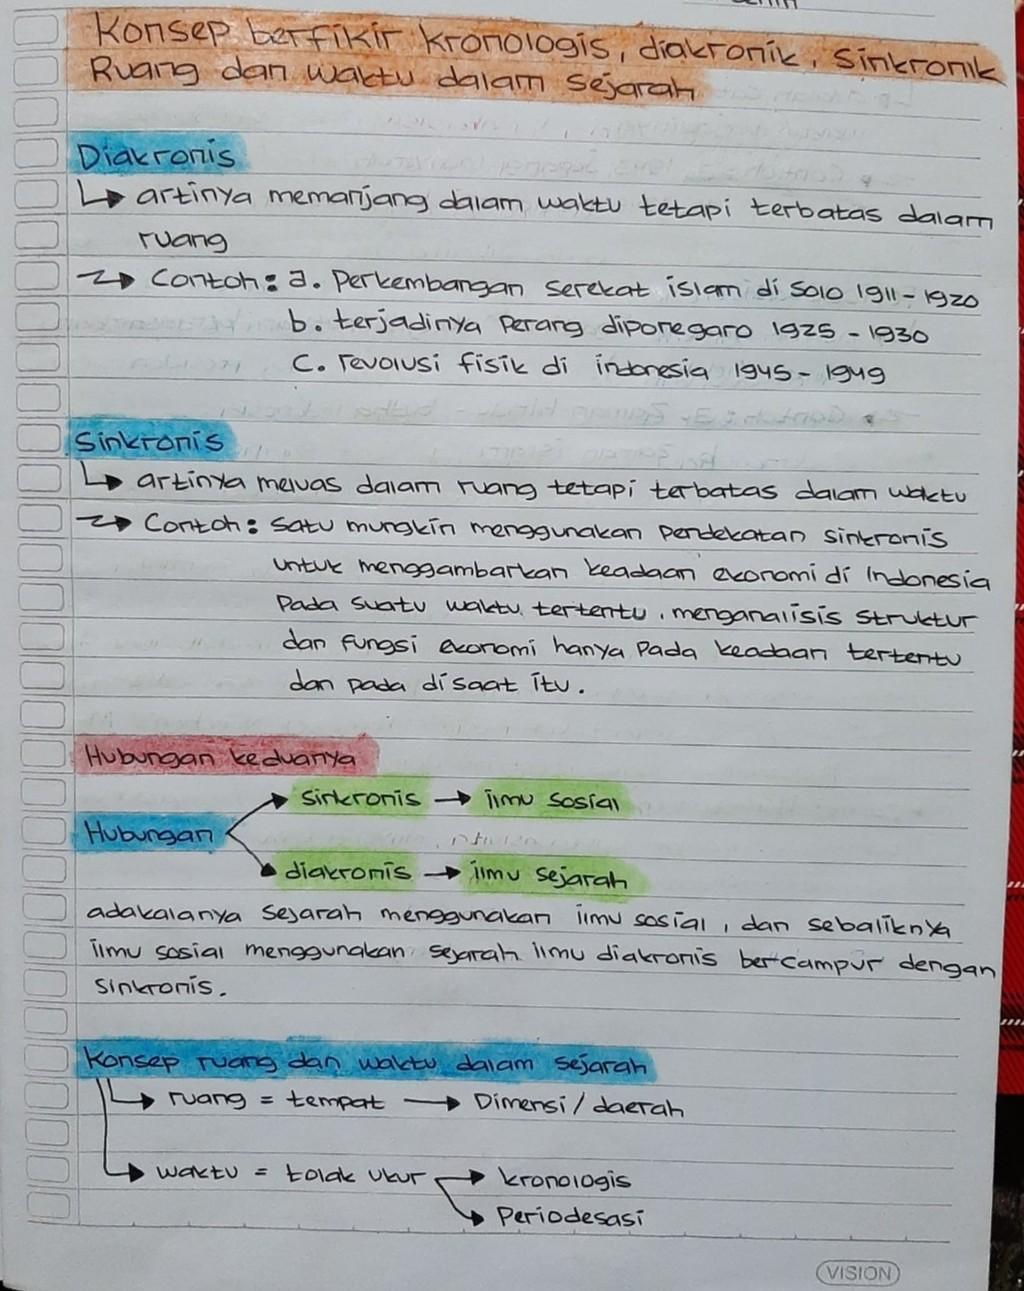 Cara Berpikir Sinkronik : berpikir, sinkronik, Masing, Contoh,cara, Berpikir, -kronologi, -sinkronik, -diakronik, -periodisasi, Brainly.co.id